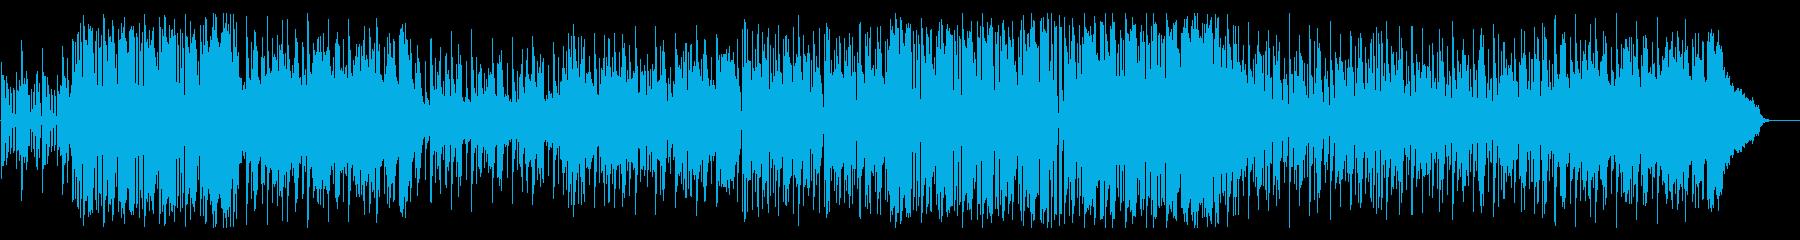 キュートでお洒落なポップエレクトロの再生済みの波形